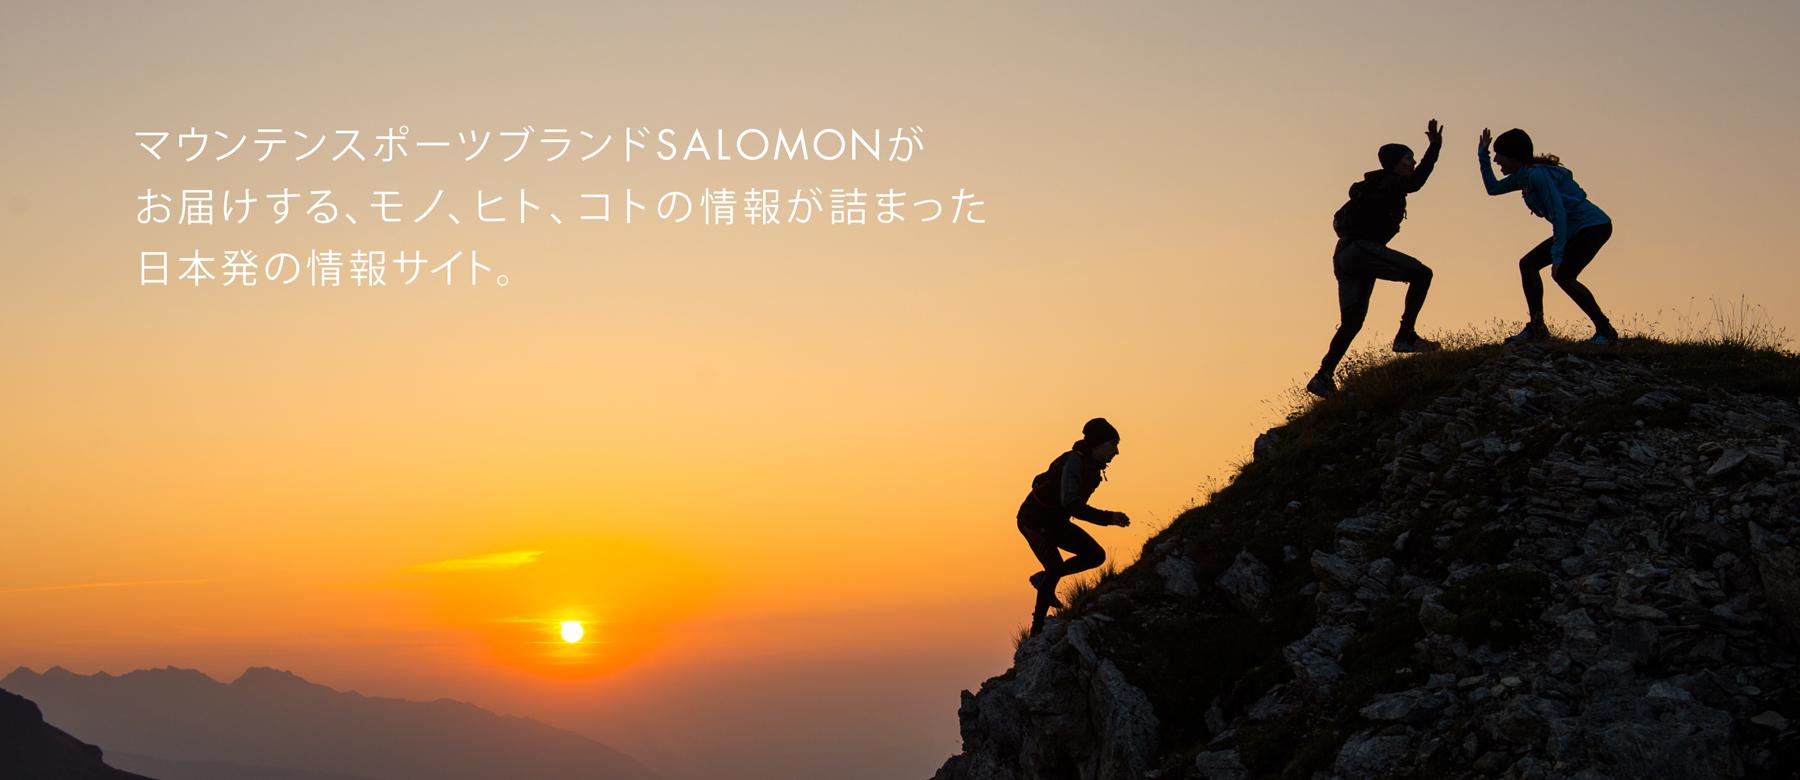 TIME TO PLAY BY SALOMON マウンテンスポーツブランドSALOMONがお届けする、モノ、ヒト、コトの情報が詰まった日本発の情報サイト。